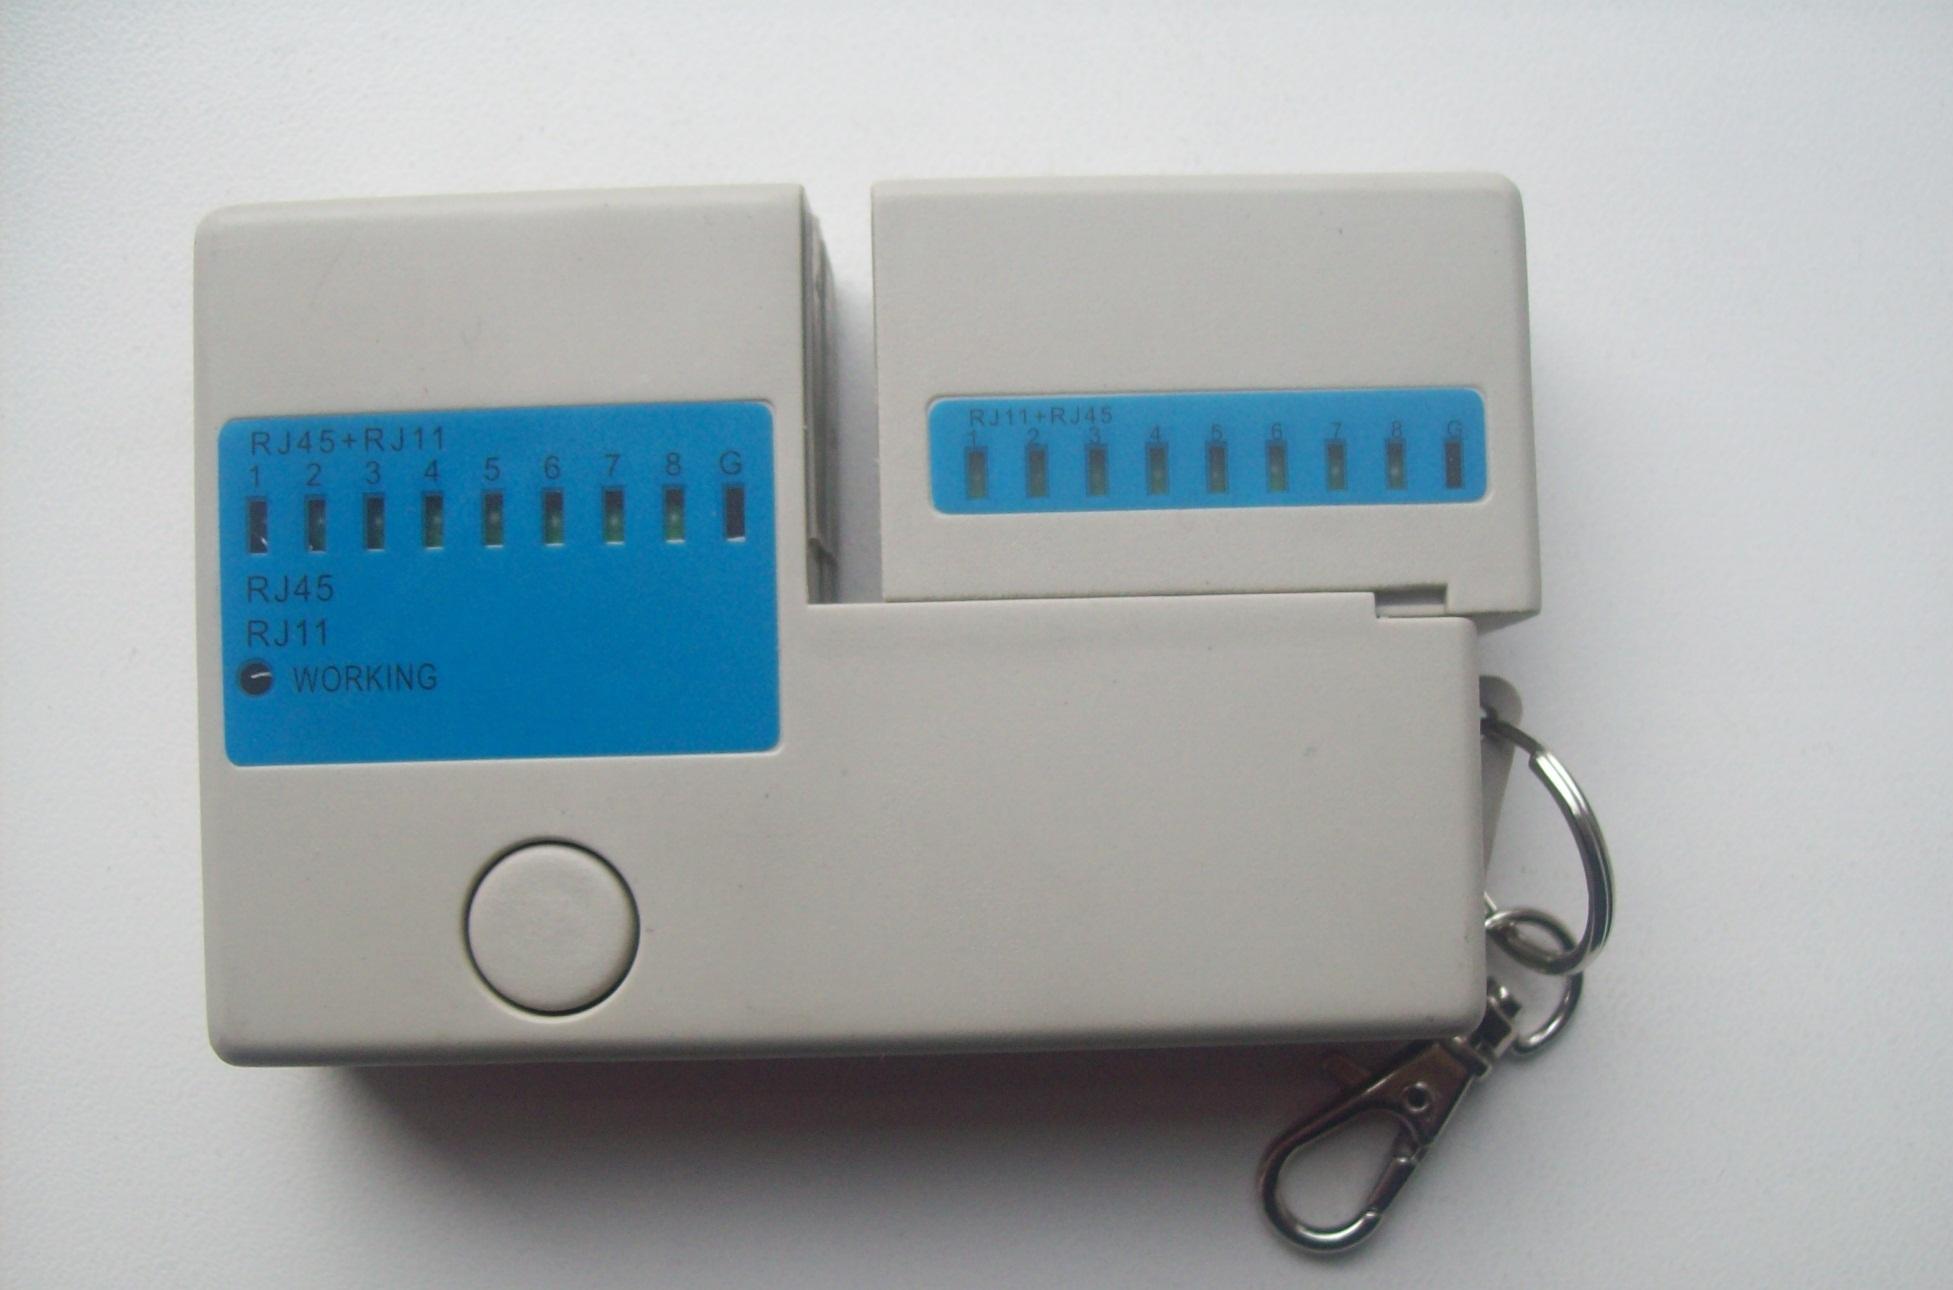 LAN тестер мережевих та телефонних кабелів RJ45, RJ11, зображення 1